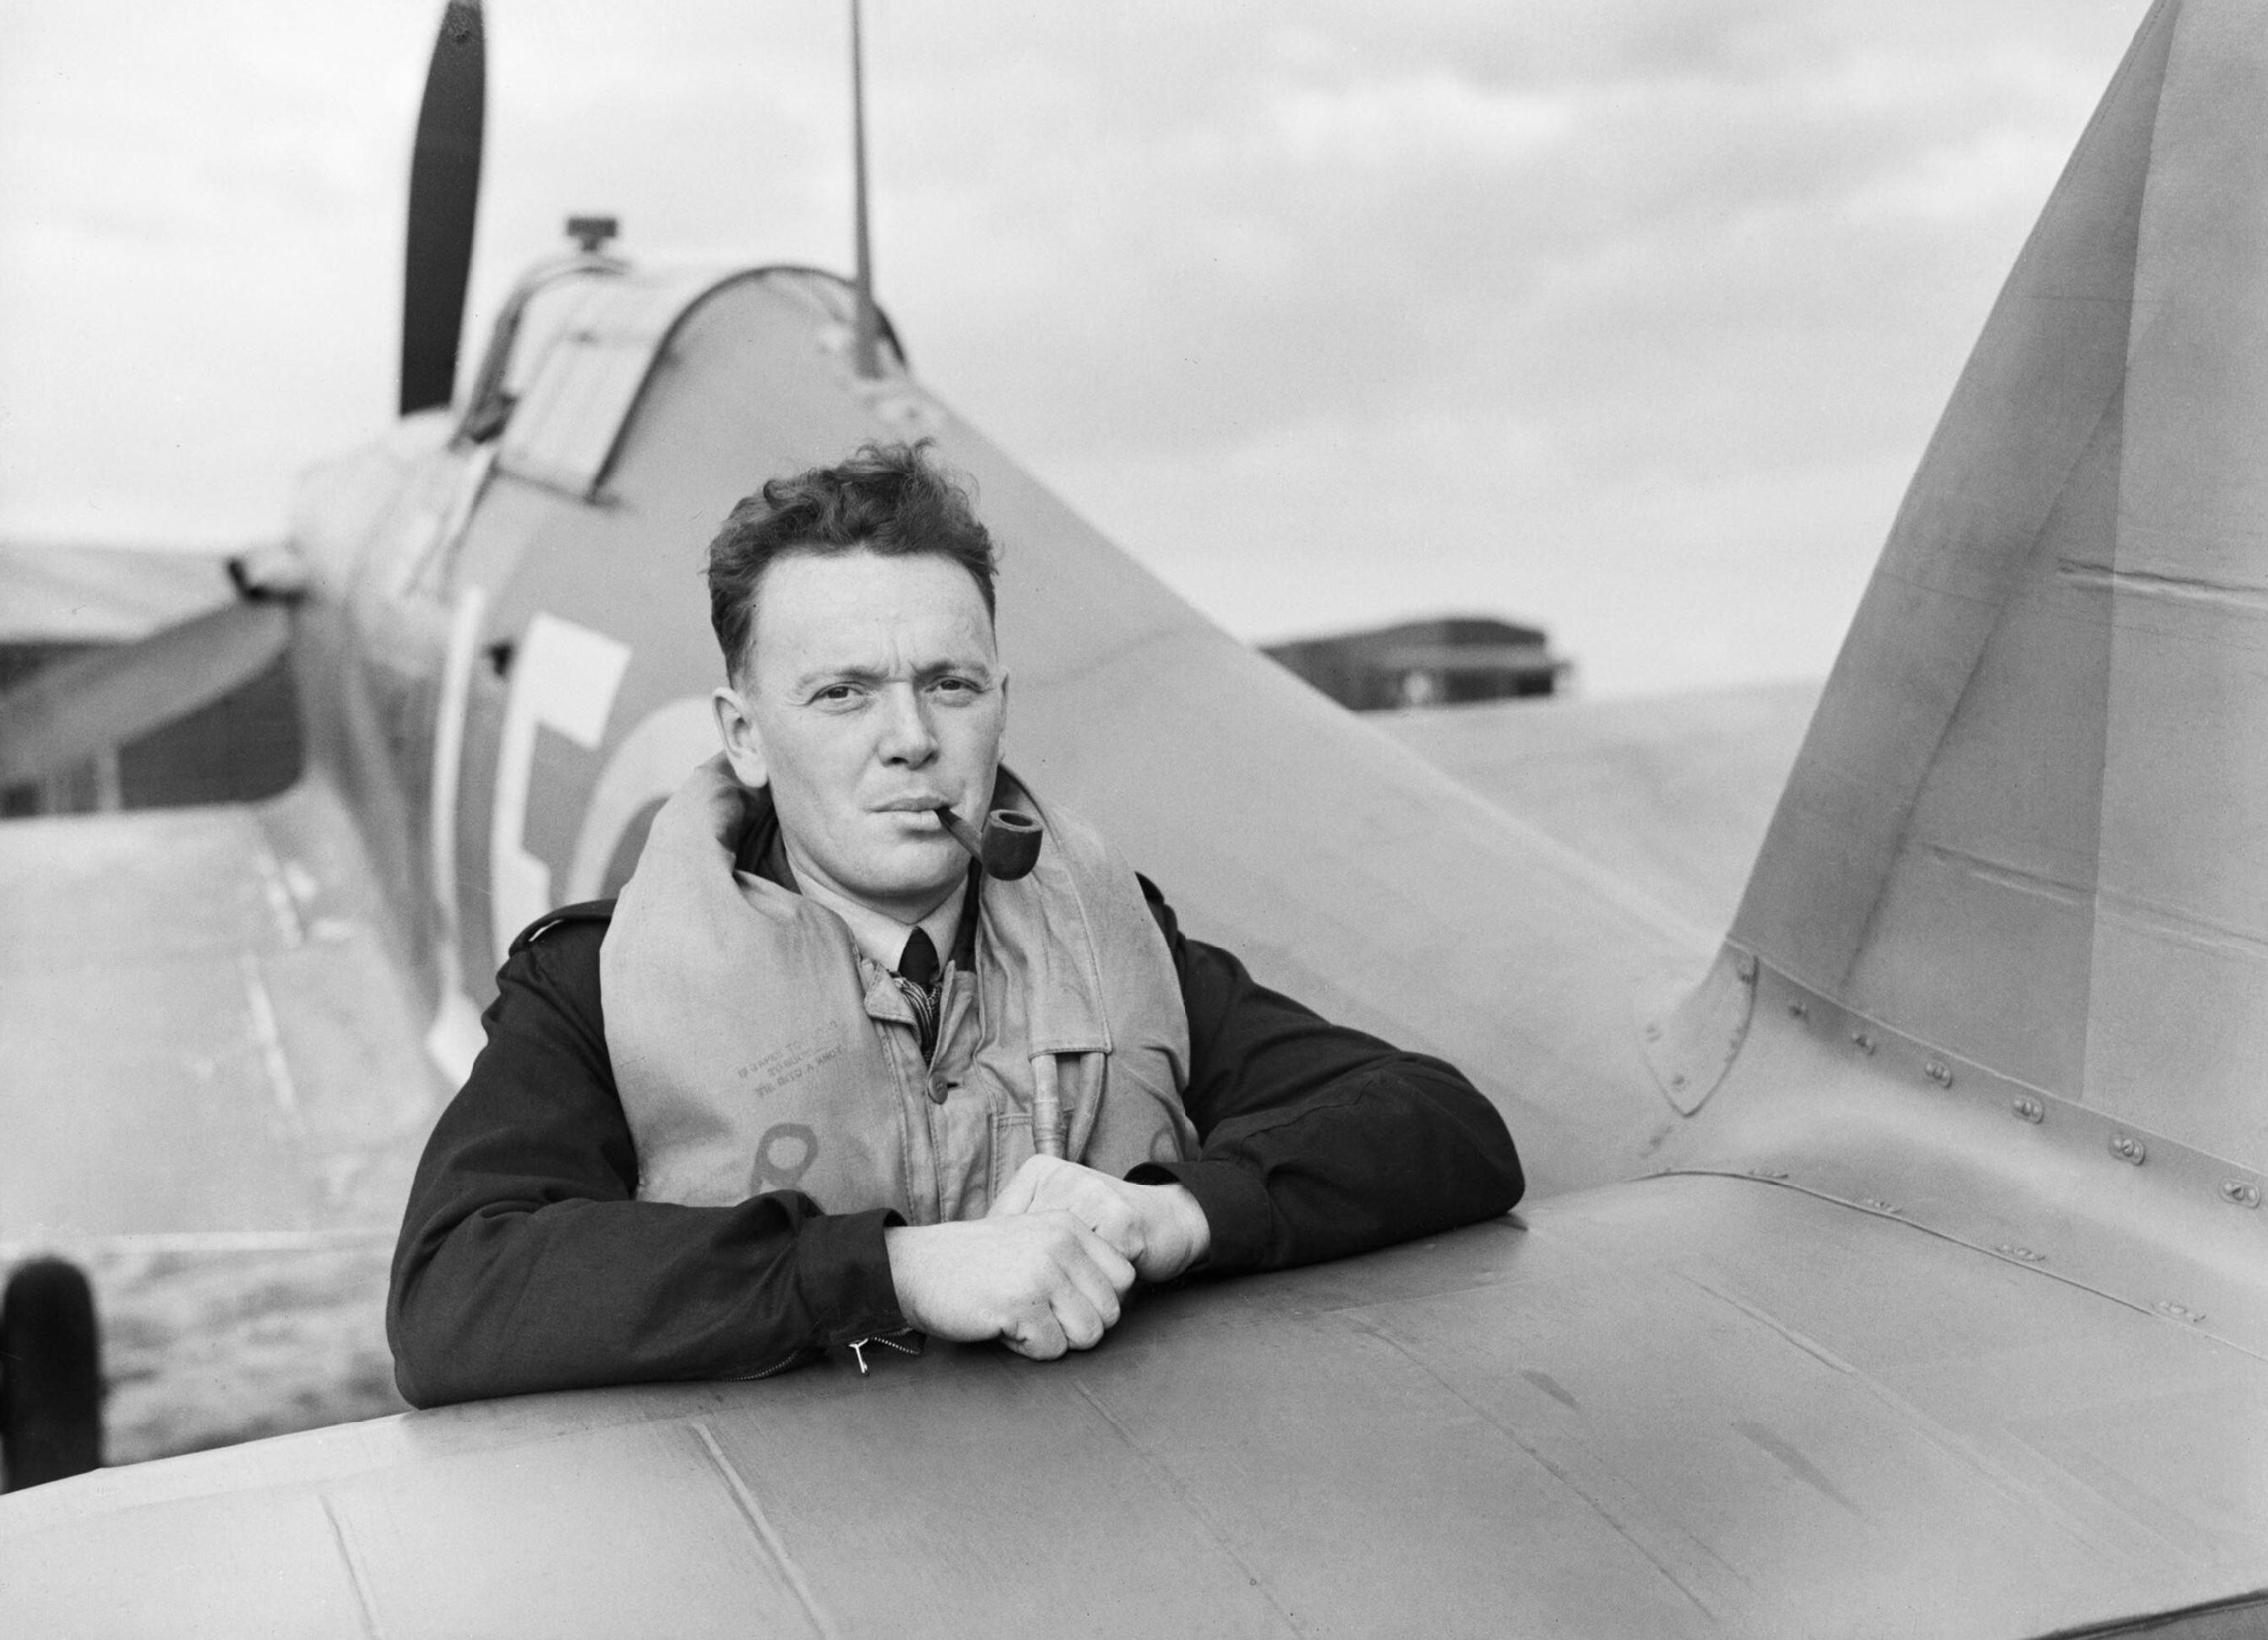 Aircrew RAF 242Sqn pilot PS Turner at Fowlmere Sep 1940 IWM CH1376